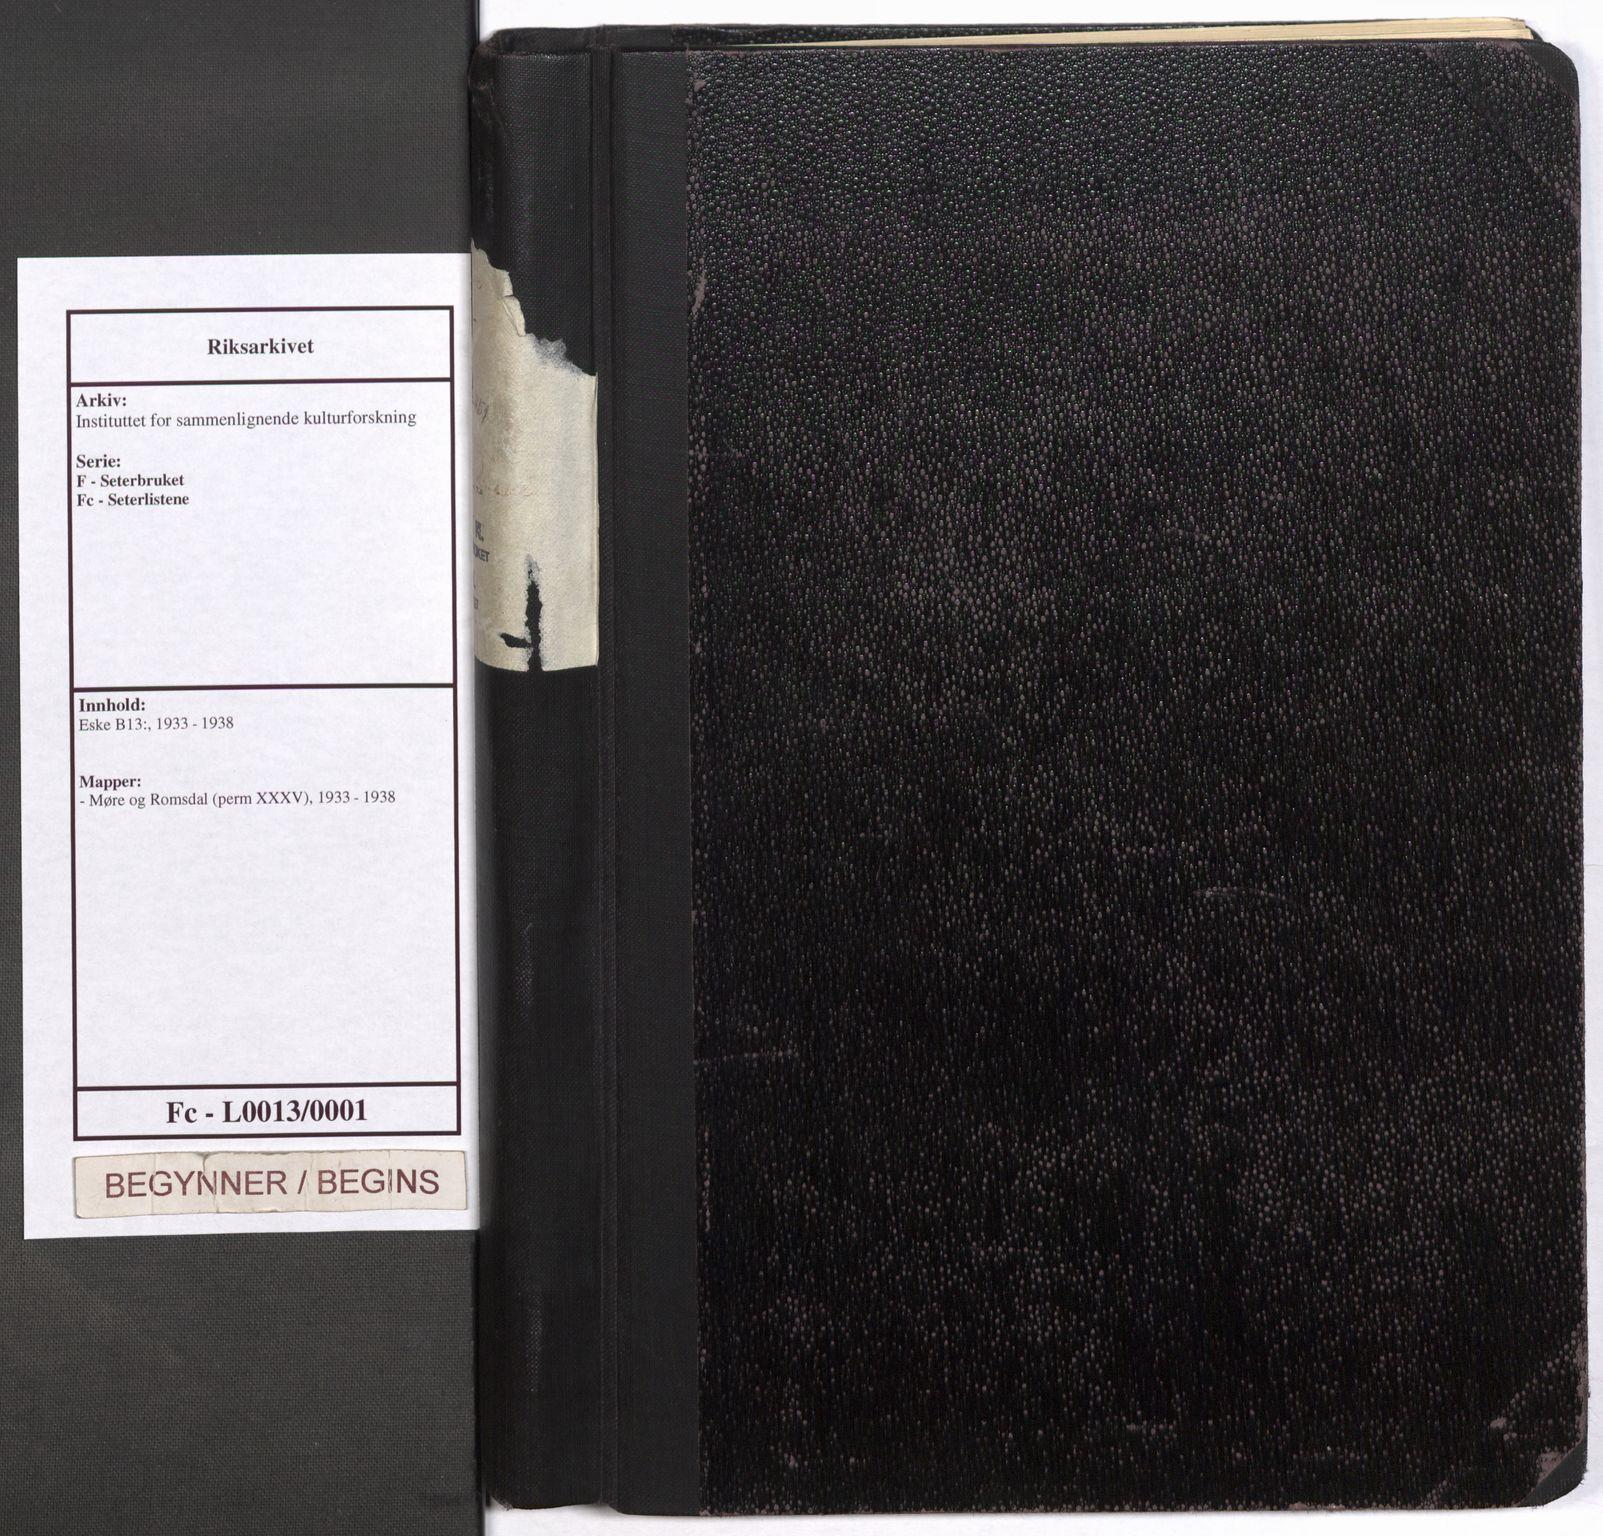 RA, Instituttet for sammenlignende kulturforskning, F/Fc/L0013: Eske B13:, 1933-1938, s. upaginert